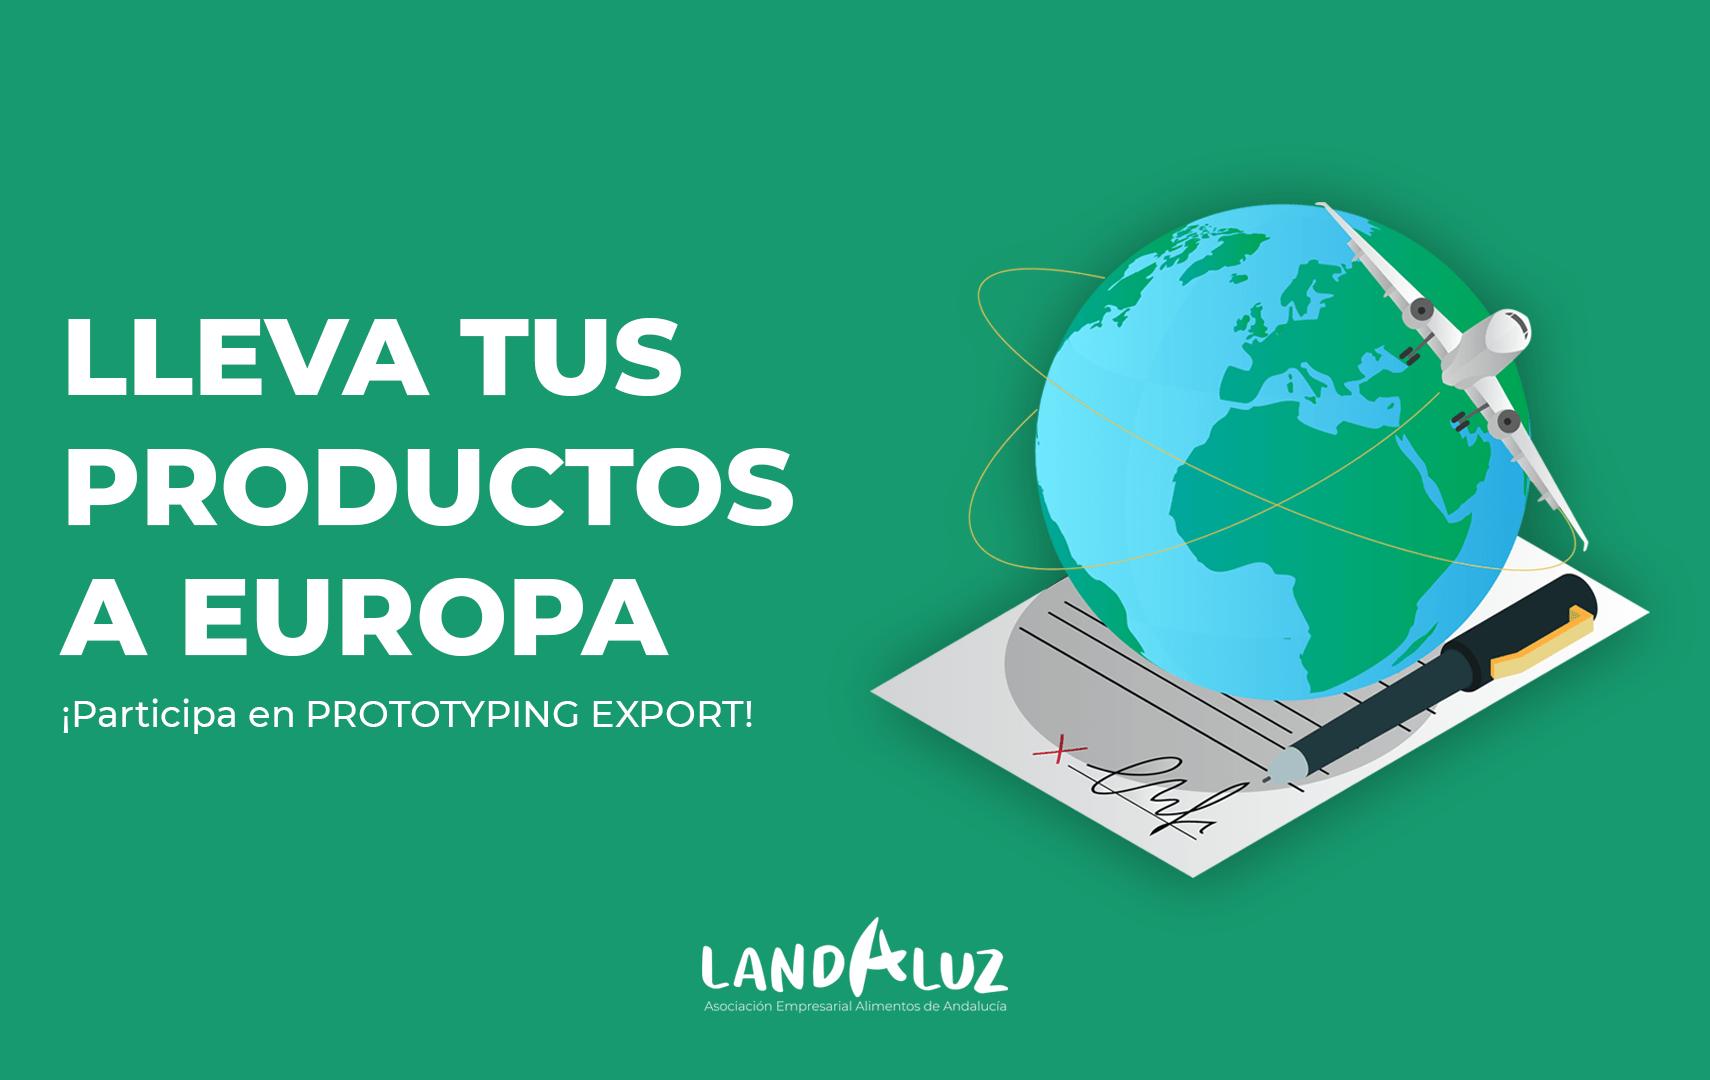 PrototypingExport